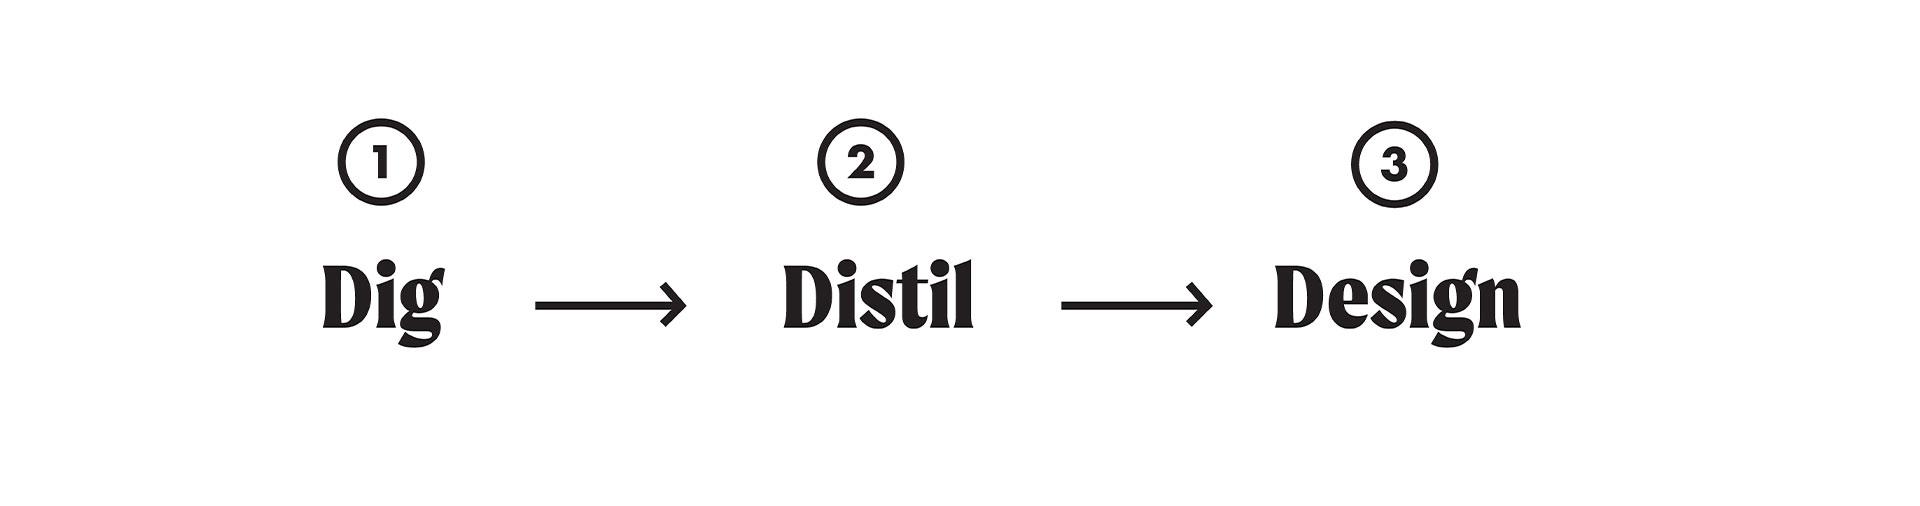 graphic-depicting-dig-distil-design-branding-process